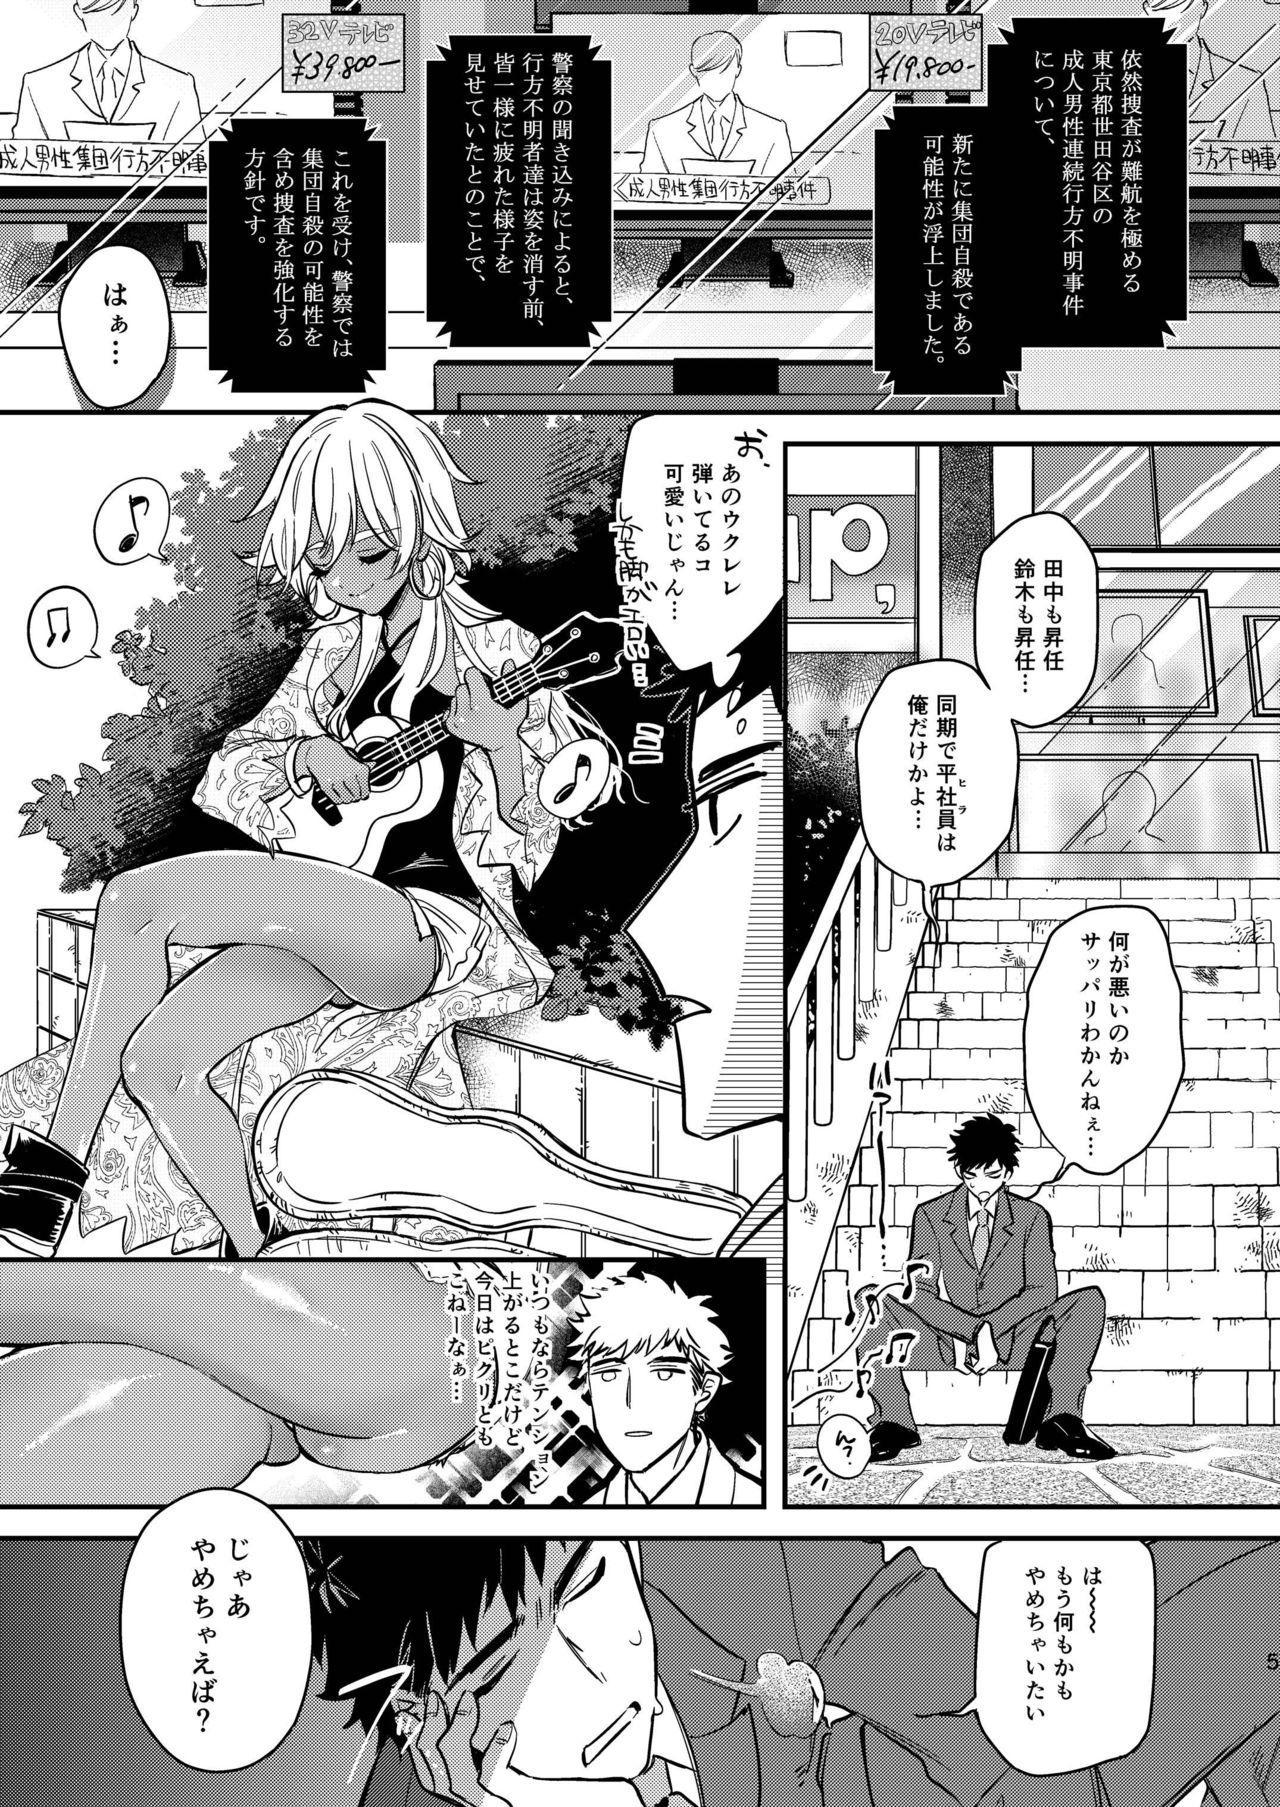 Black Lily no Noroi Mitsu 2